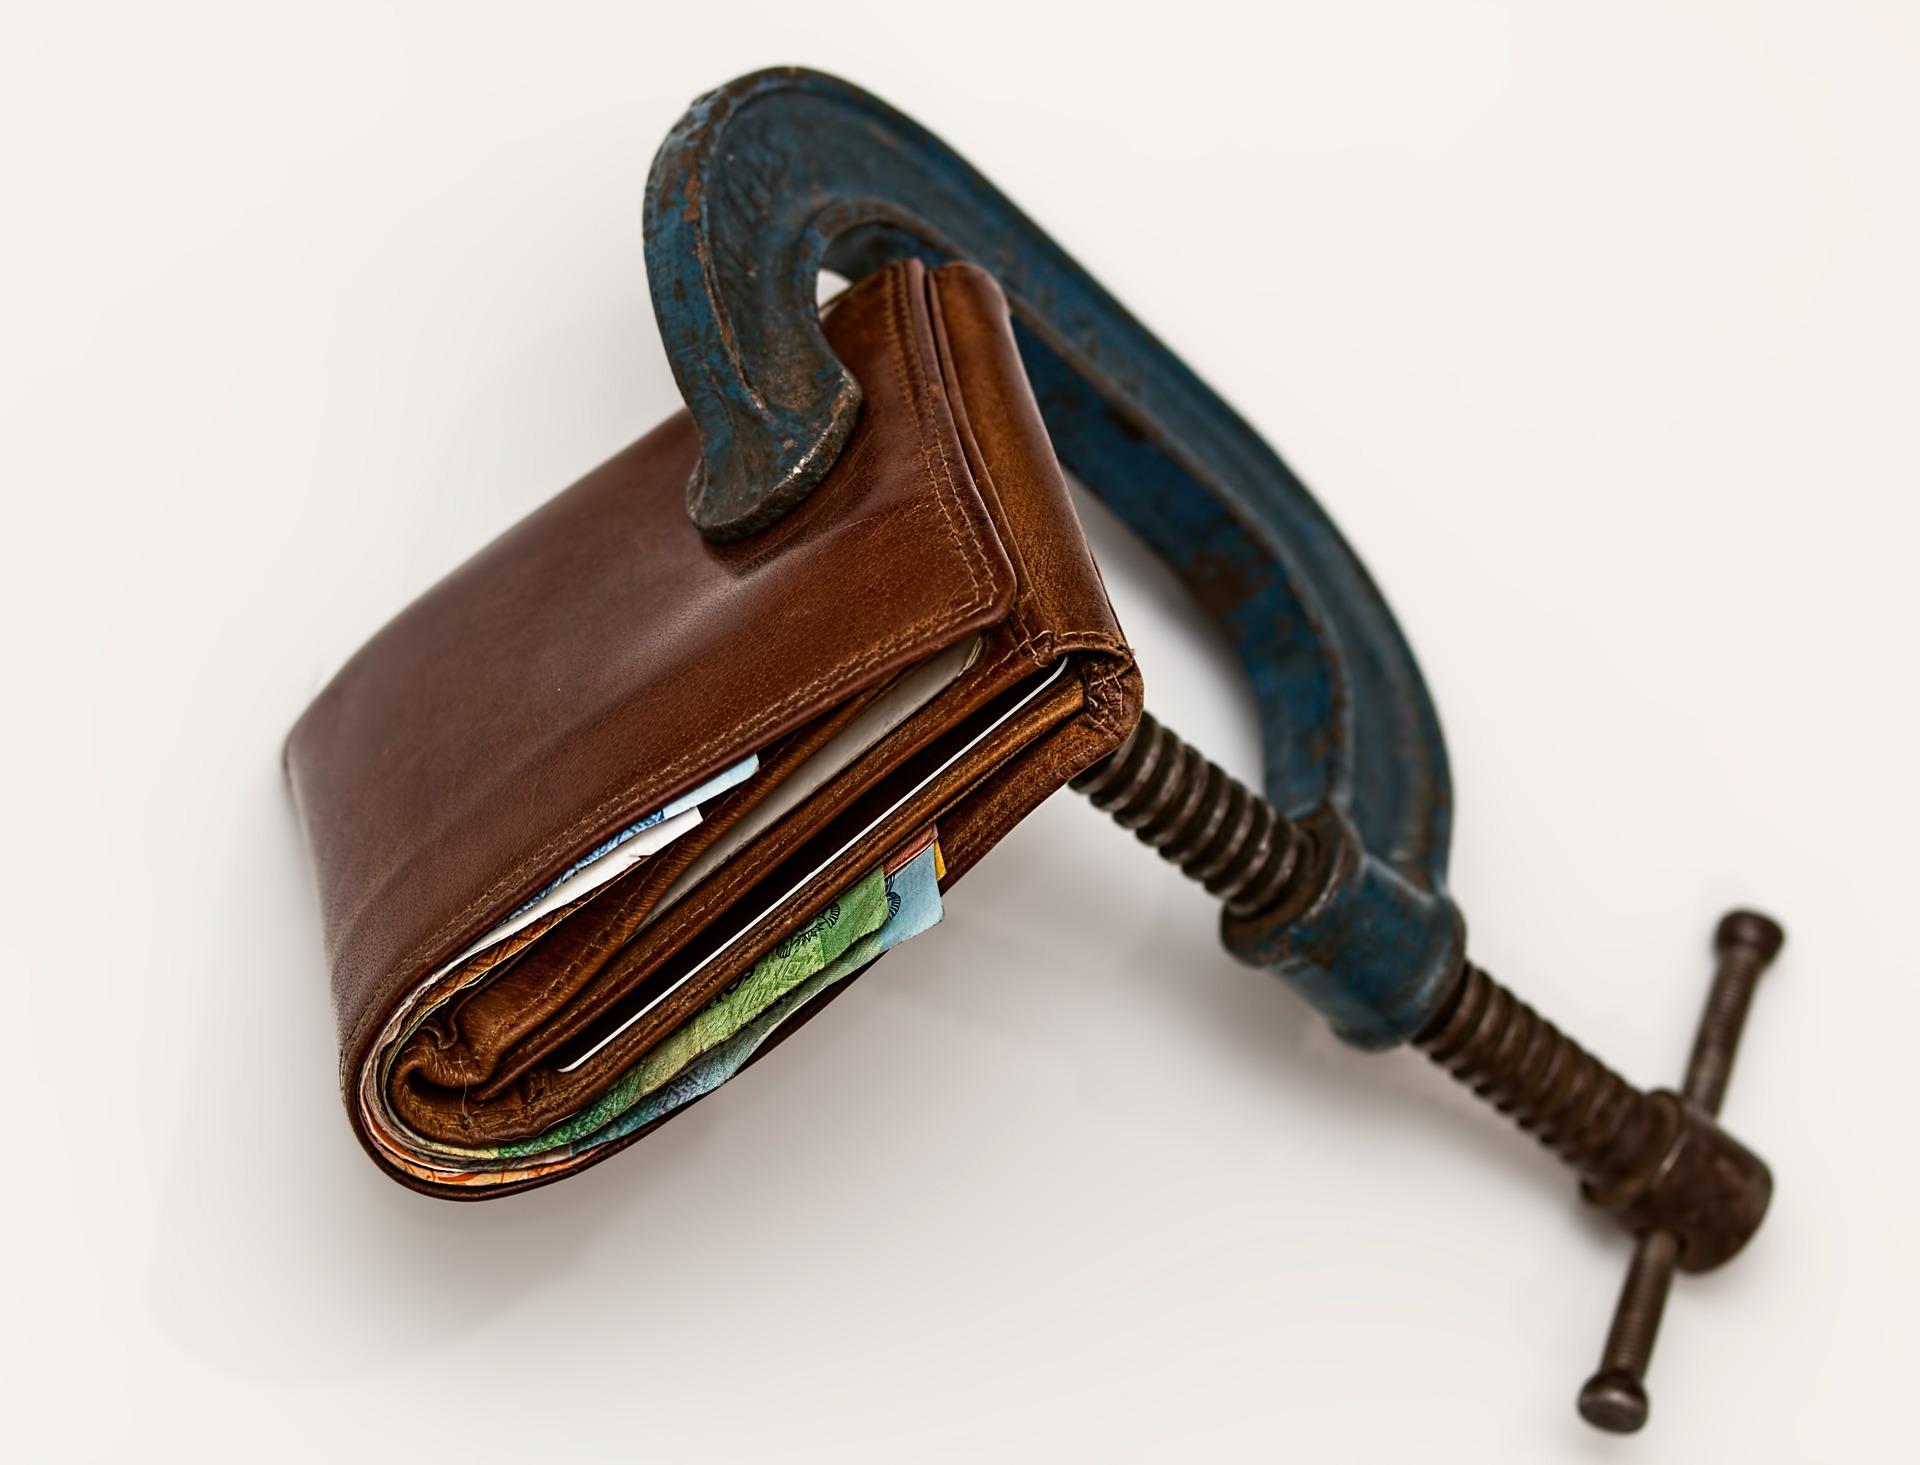 Geldbeutel Finanzielle Schwierigkeiten